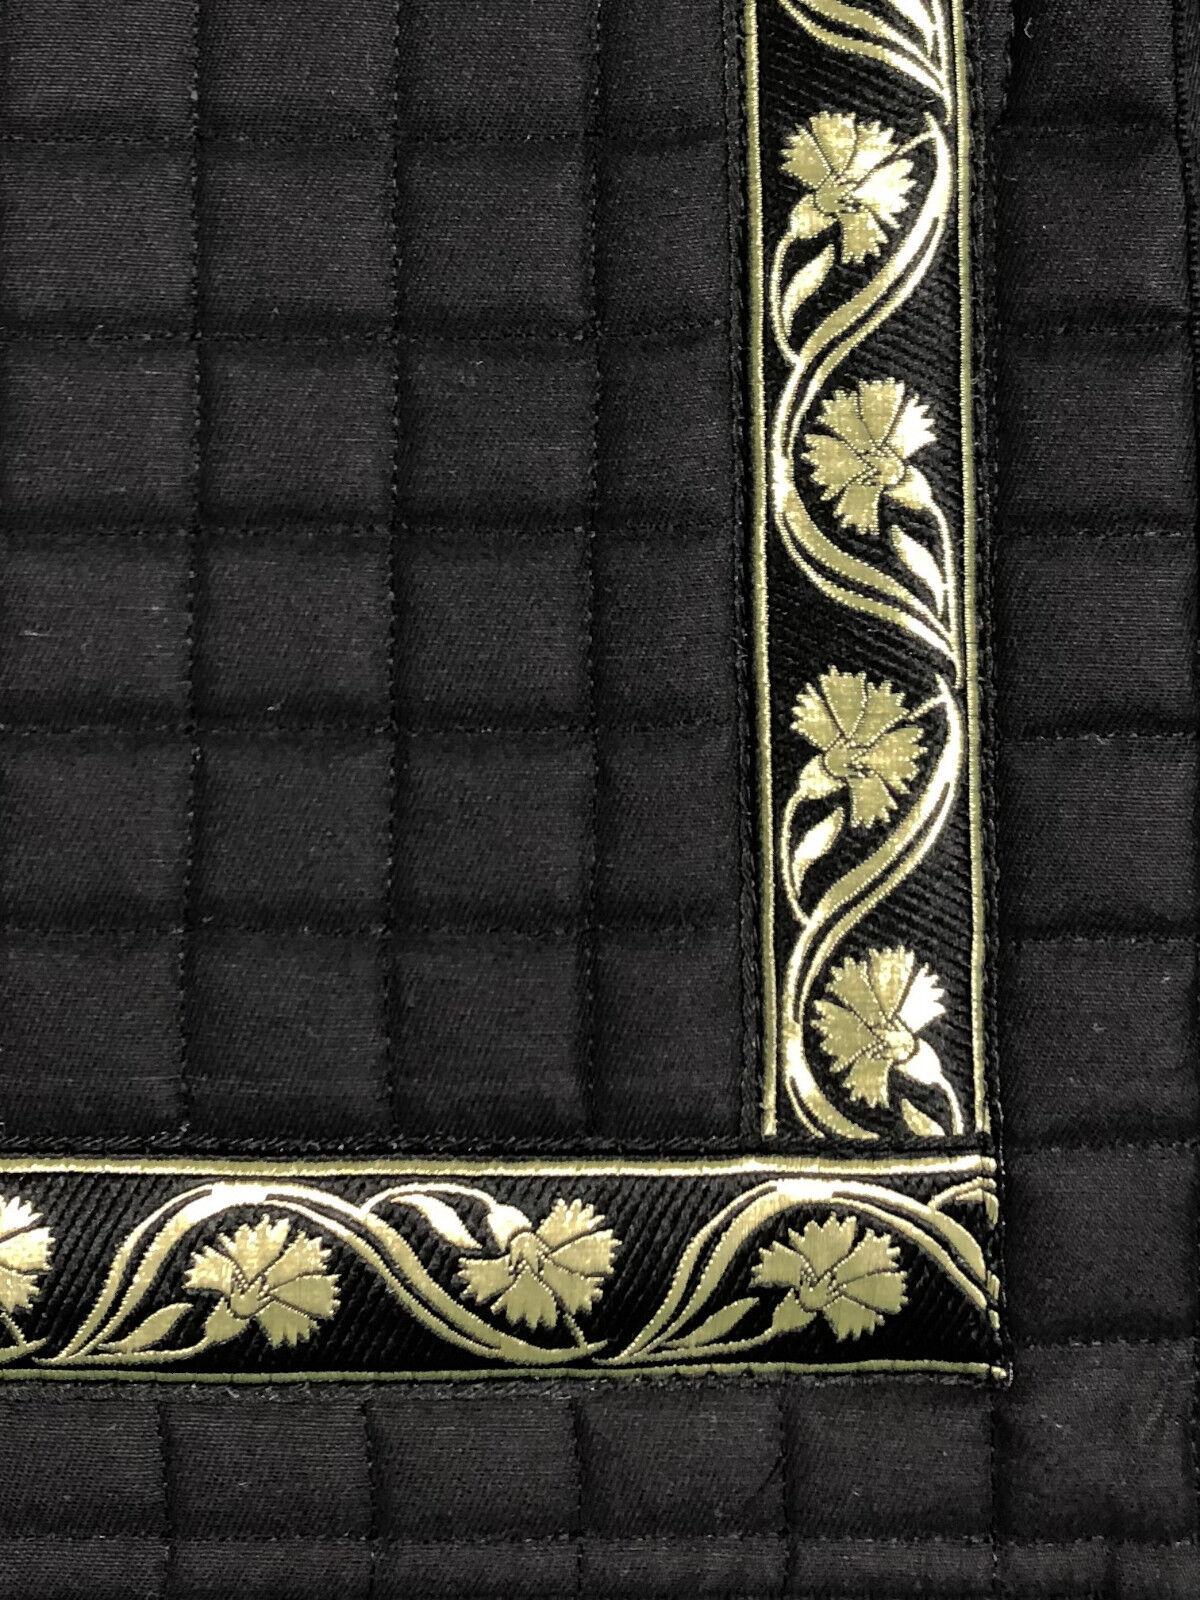 Barock Dressur Schabracke Schabracke Schabracke Schwarz mit Borte Gold Lammfell möglich 57 cm lang 63bb19